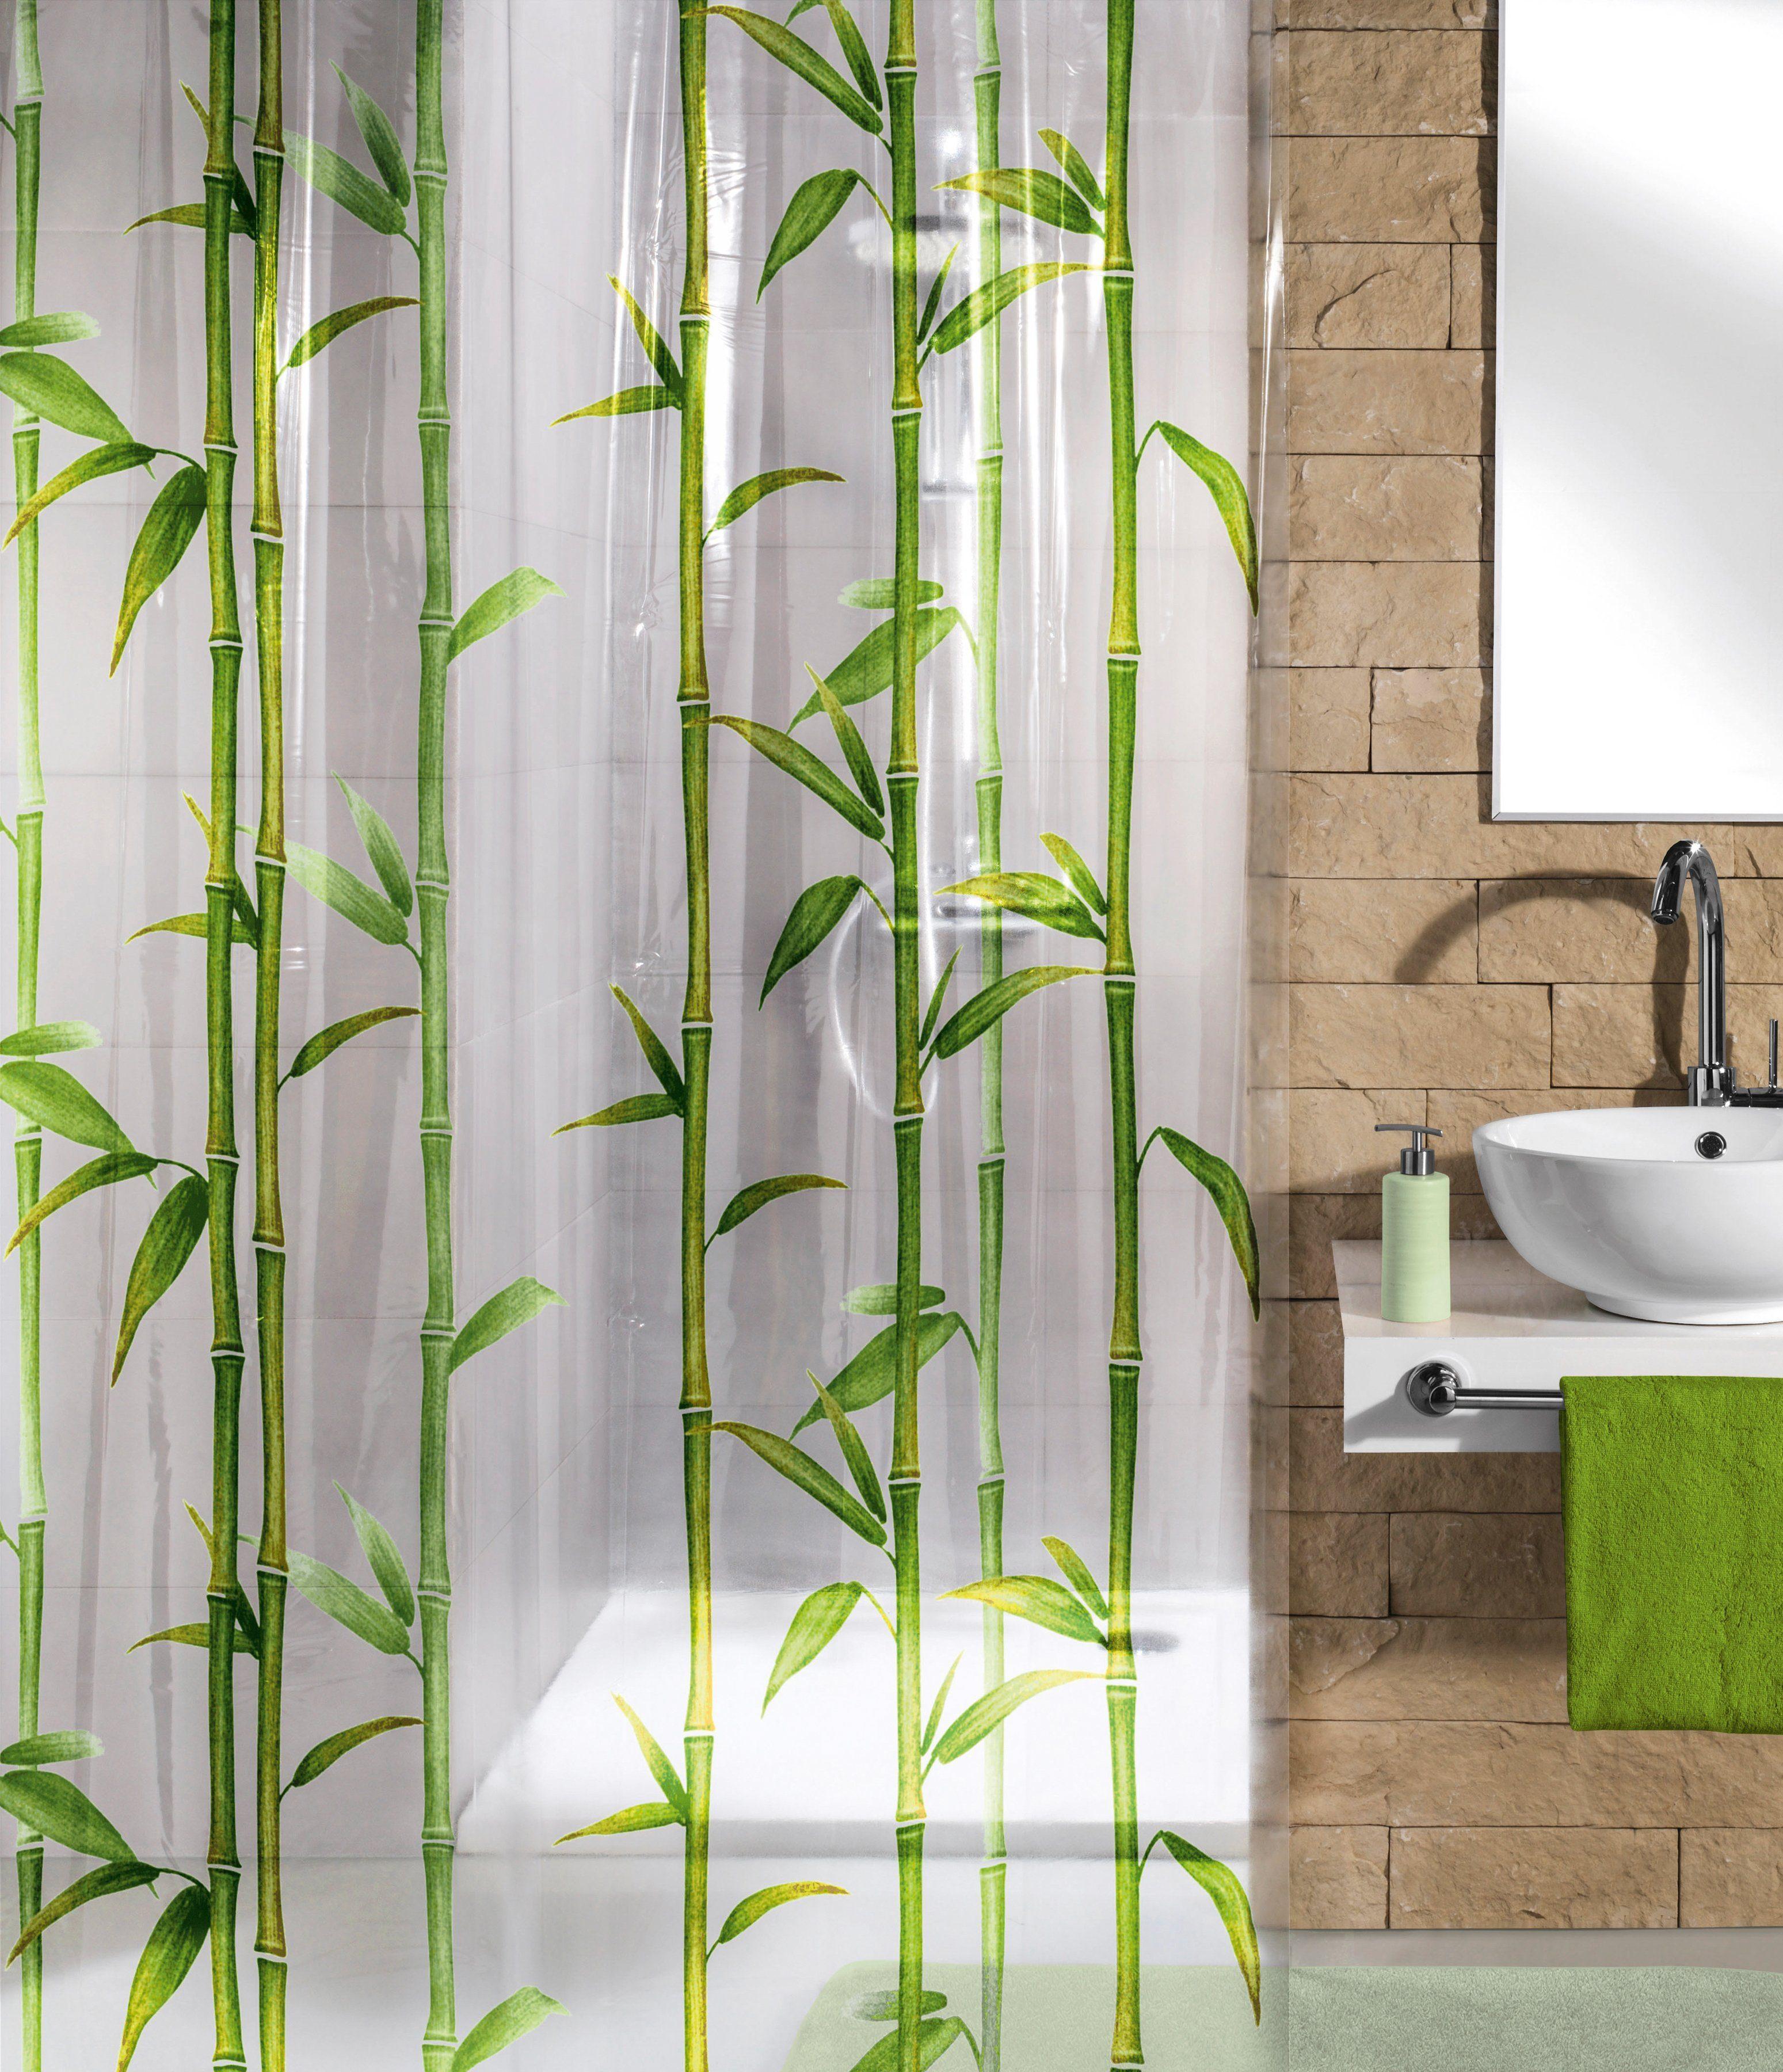 Duschvorhang »Bamboo«